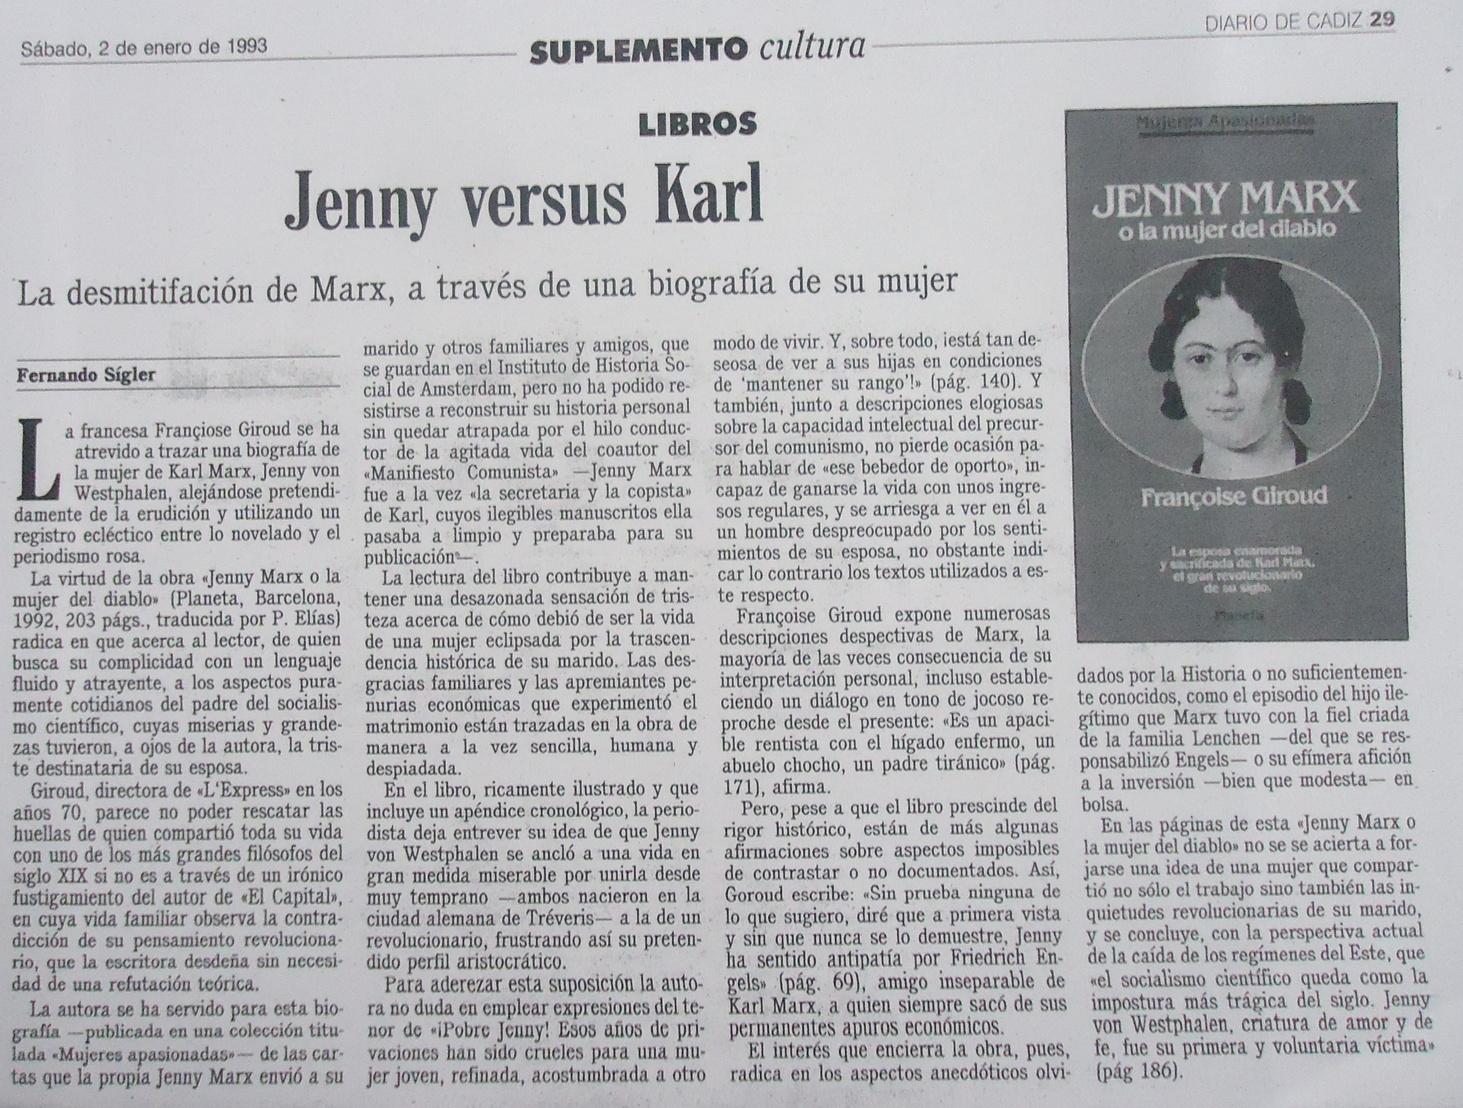 Reseña sobre la biografía de Jenny von Westphalen.